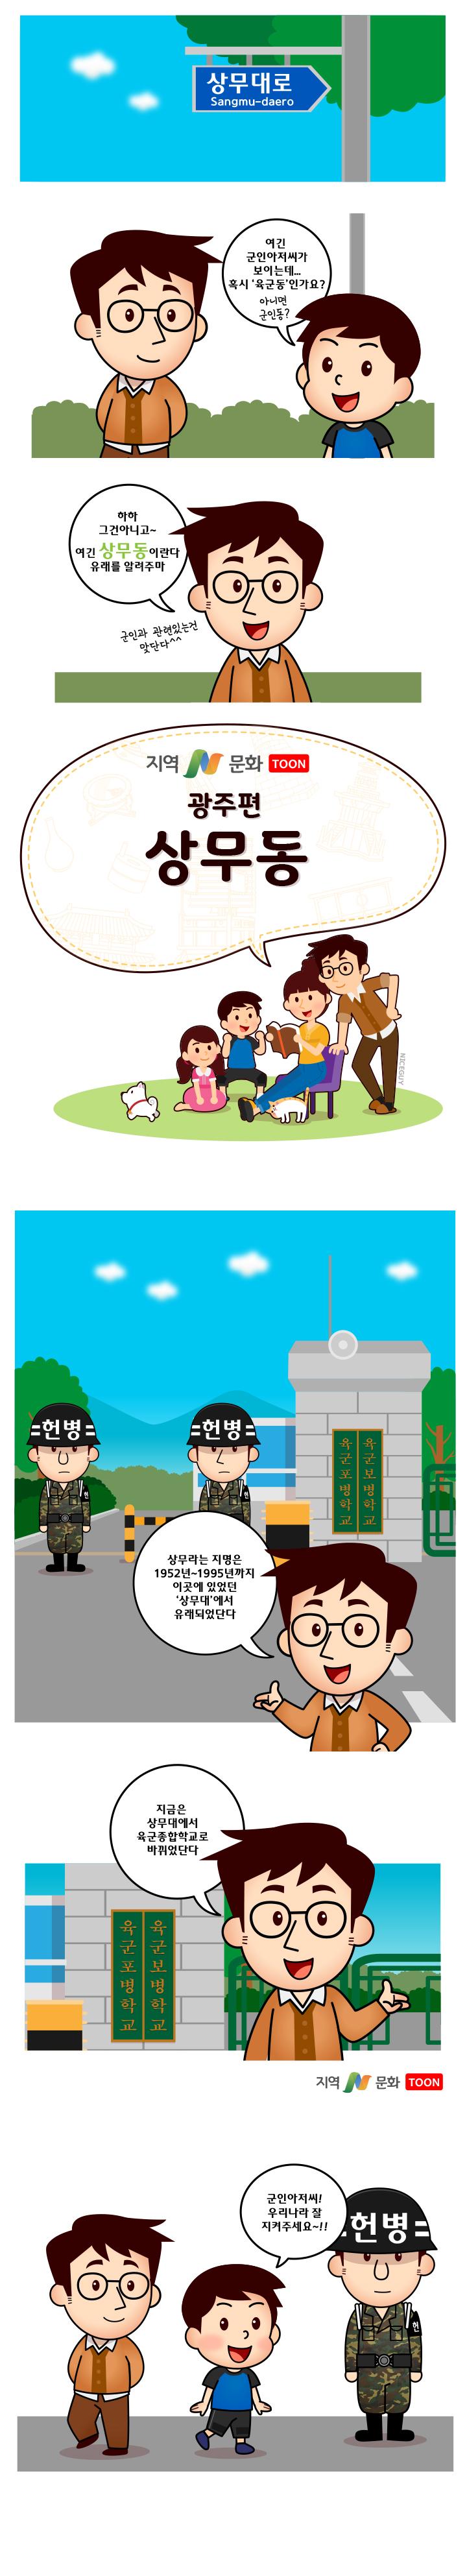 광주광역시 서구 상무동의 '상무'라는 지명은 1952년~1995년까지 그 지역에 있었던 '상무대'에서 유래되었다. 지금은 상무대에서 육군종합학교로 바뀌었다.